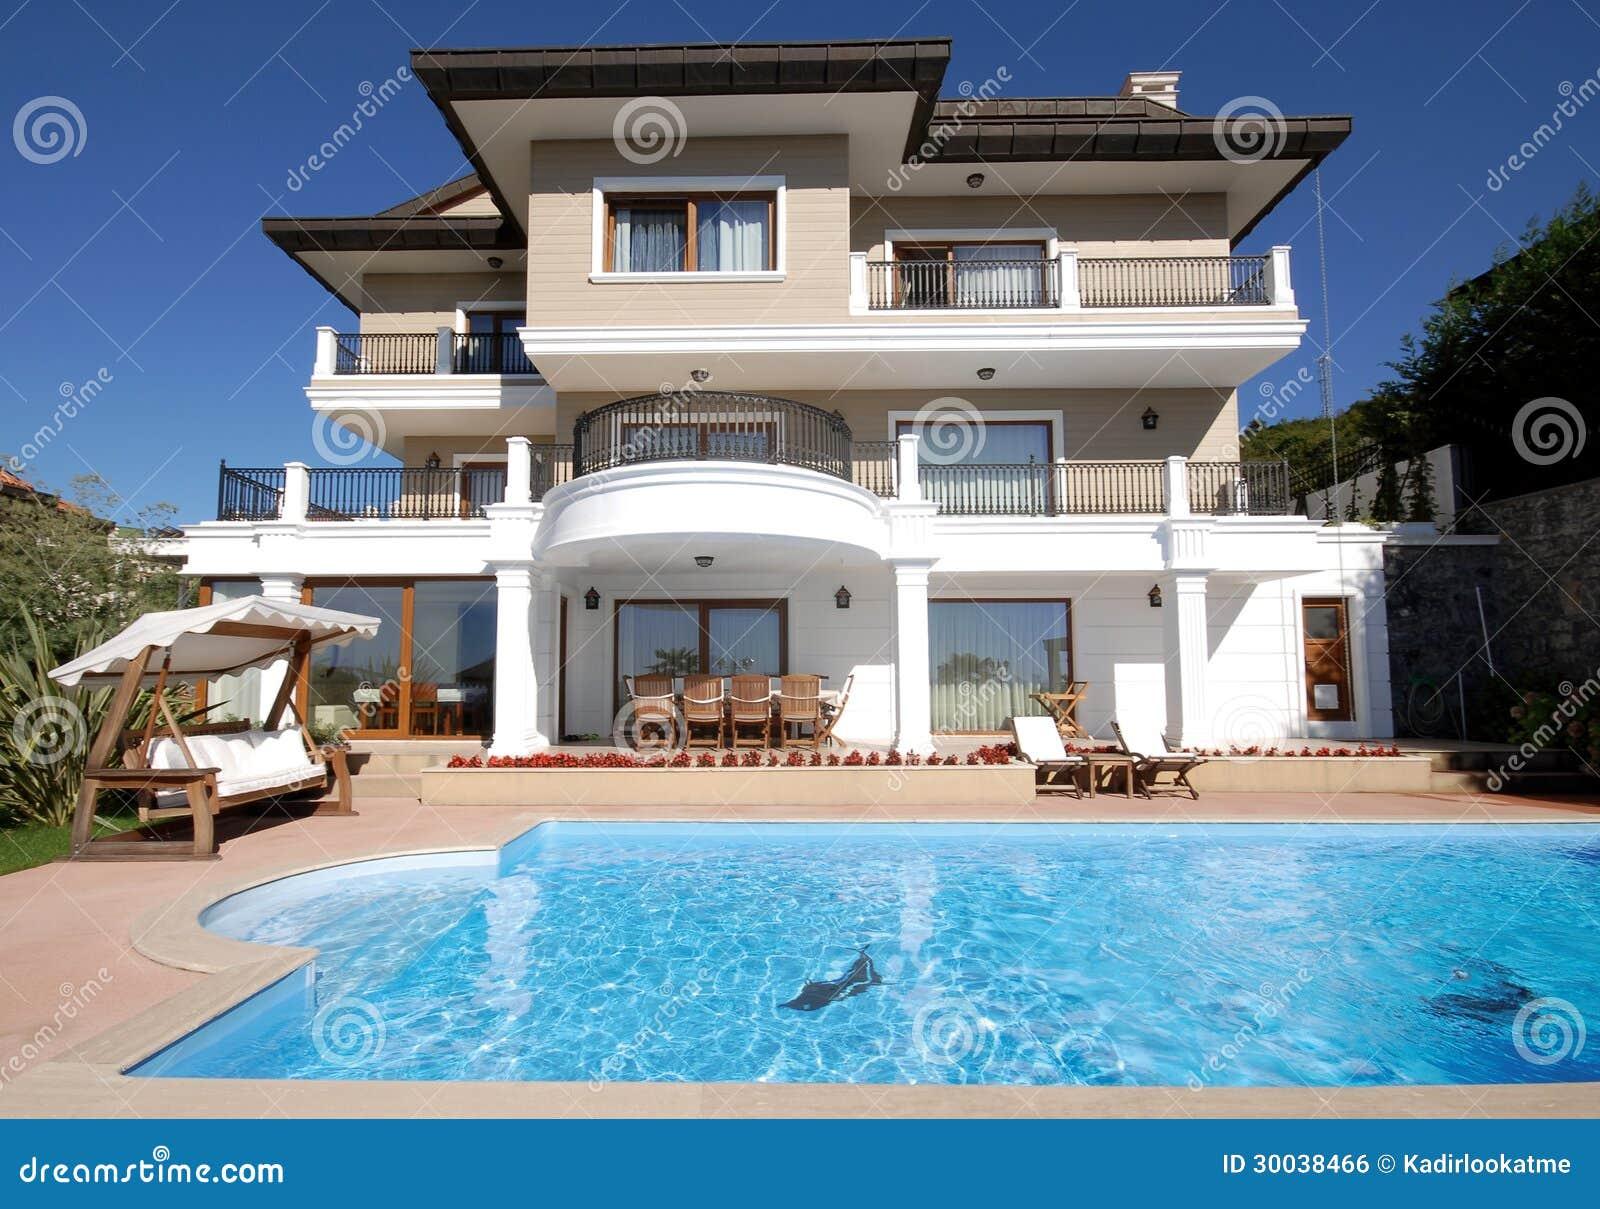 Tir la maison de luxe de piscine image libre de droits - Piscine dans la maison ...